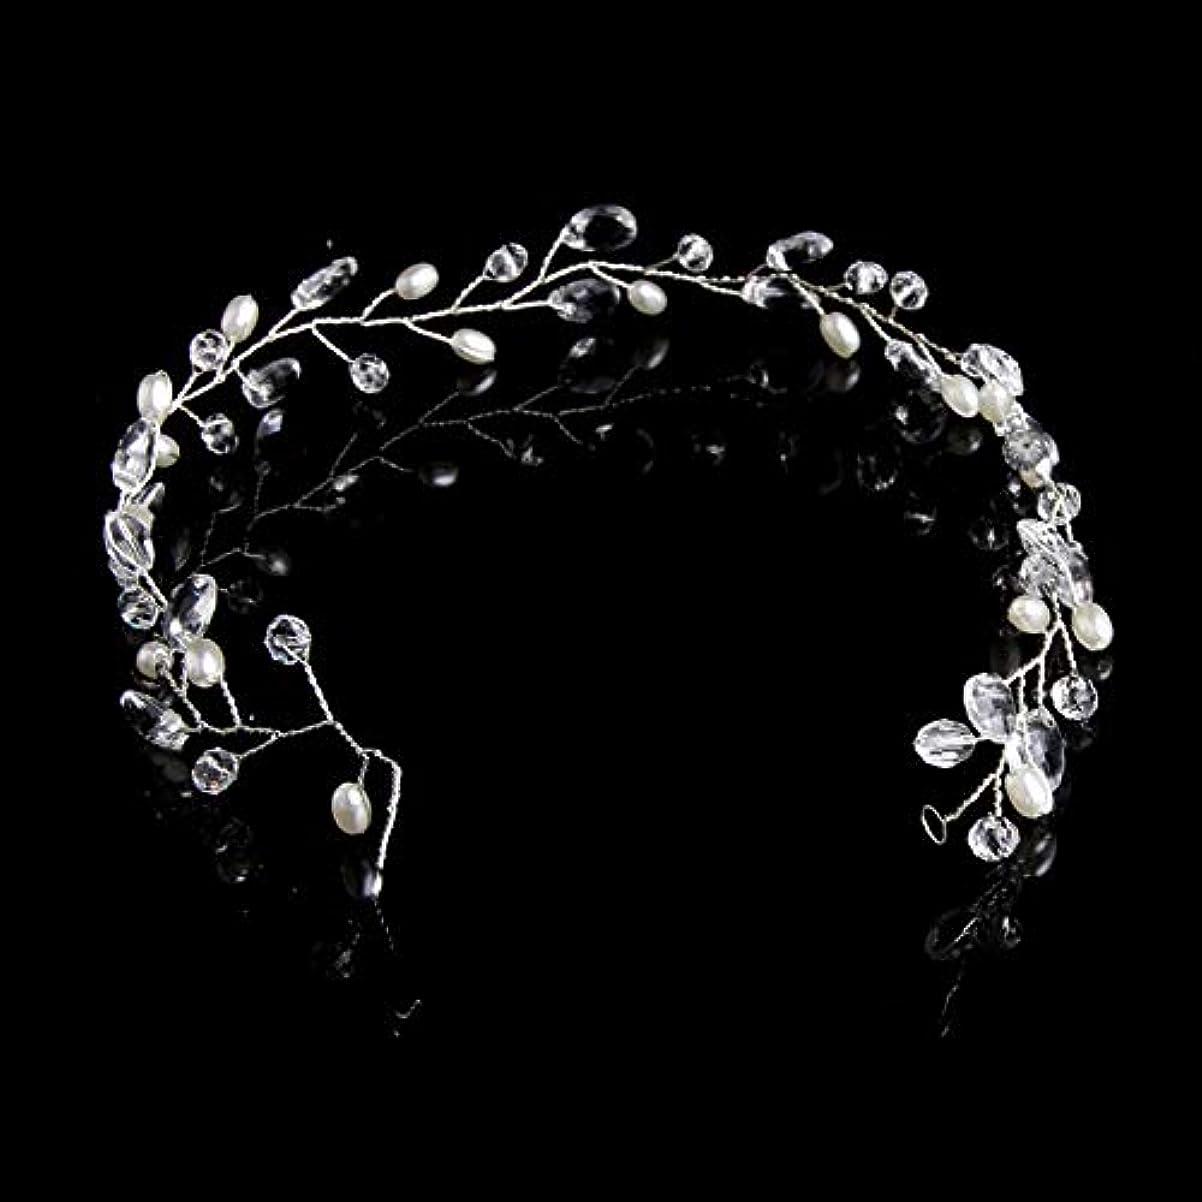 未亡人しゃがむ夕方フラワーヘアピンFlowerHairpin YHMファッション葉ブライダルヘアアクセサリー手作りクリスタルヘアジュエリーウェディングヘッドバンド女性用ヘッドピース(ゴールド) (色 : Silver)